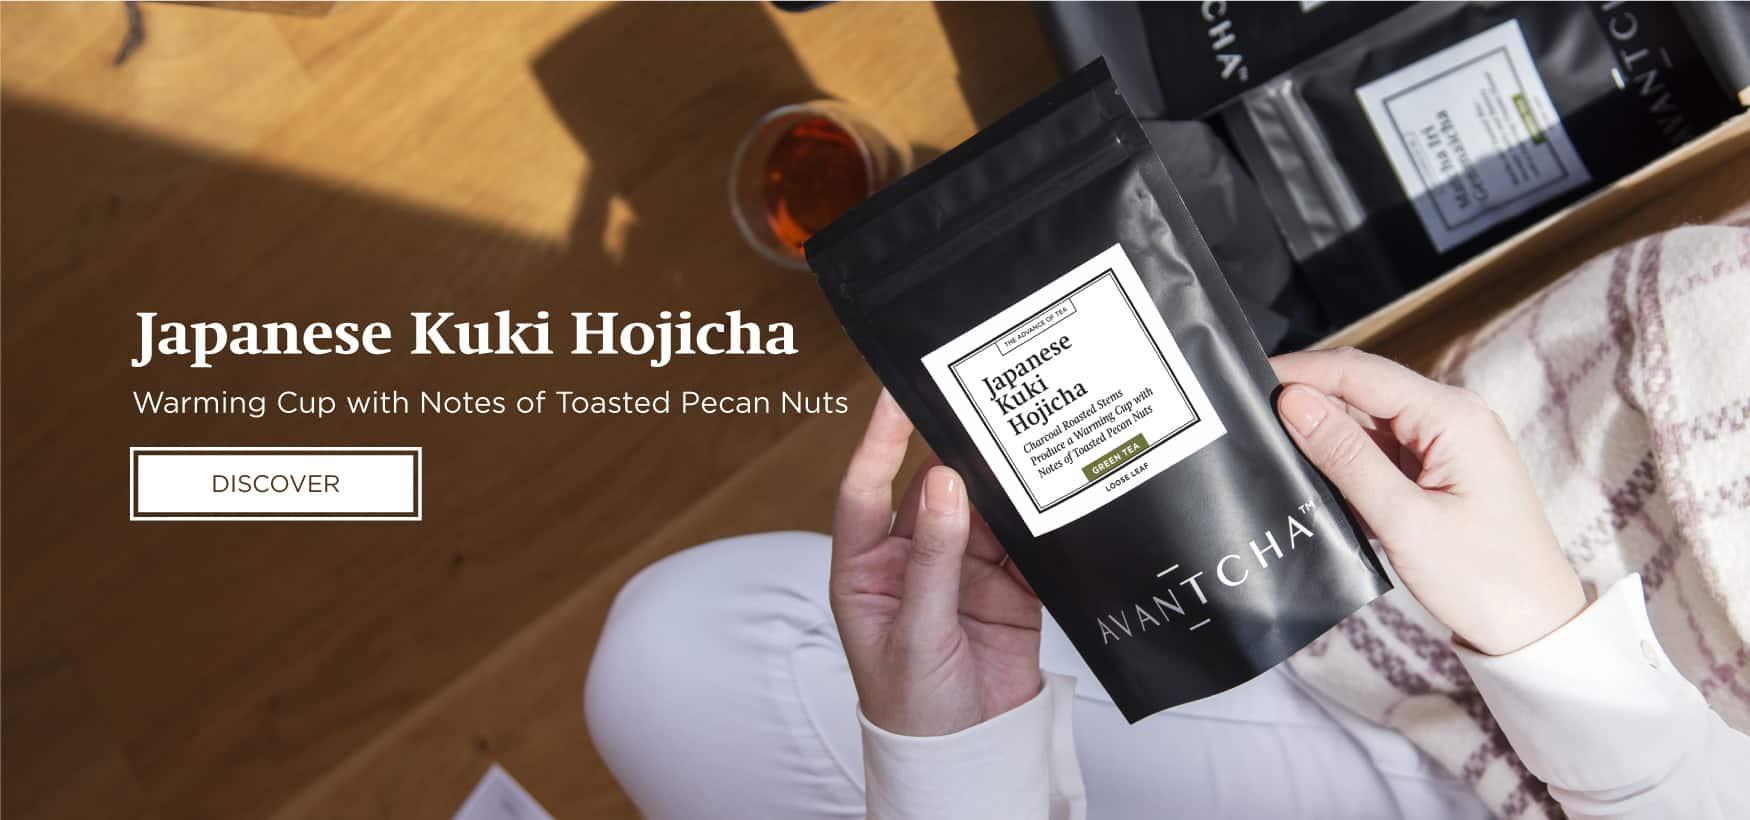 Japanese Kuki Hojicha Banner